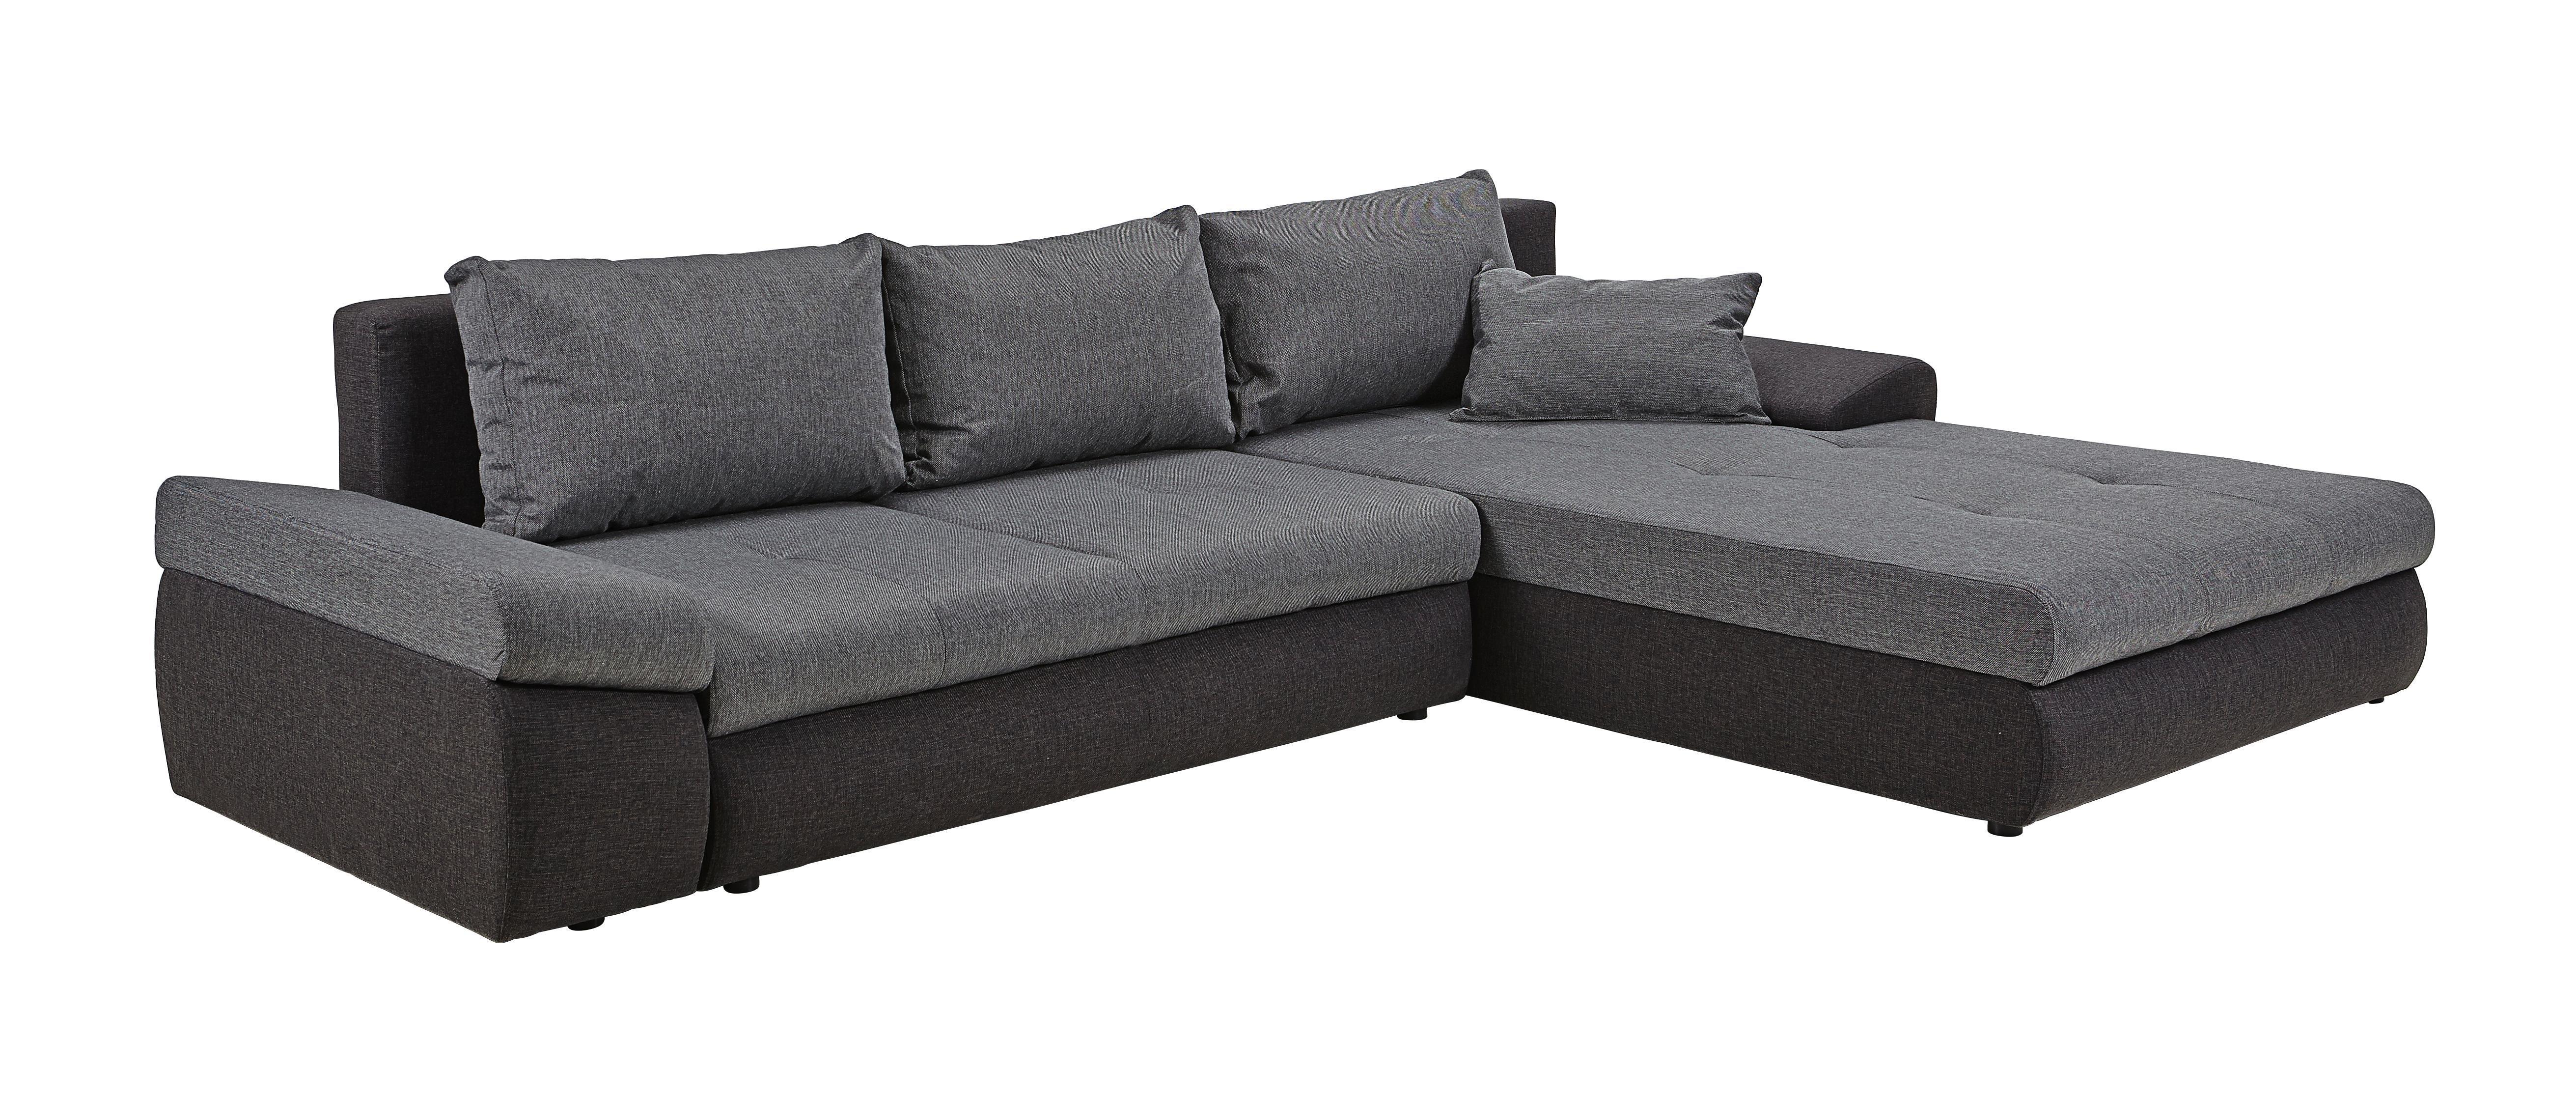 Wohnzimmermöbel Online Kaufen | XXXLutz